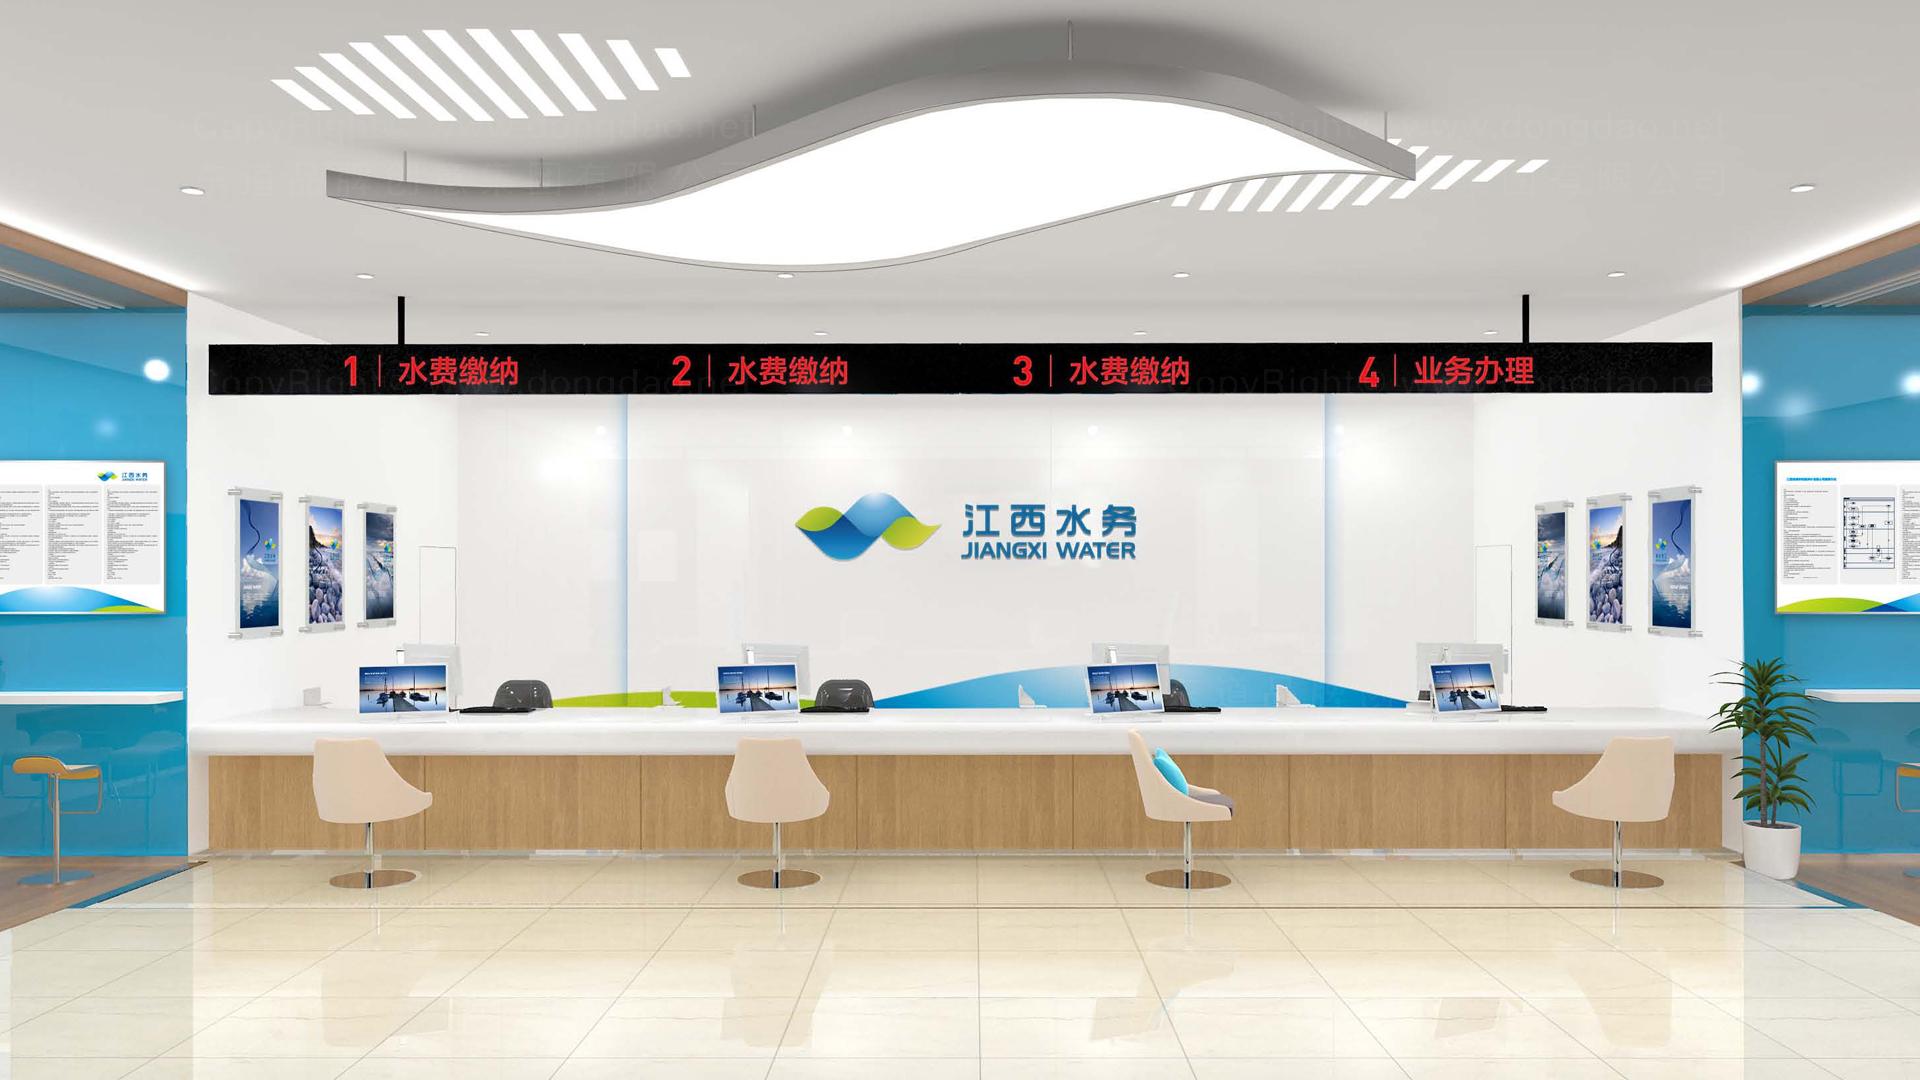 商业空间&导示案例江西水务SI设计